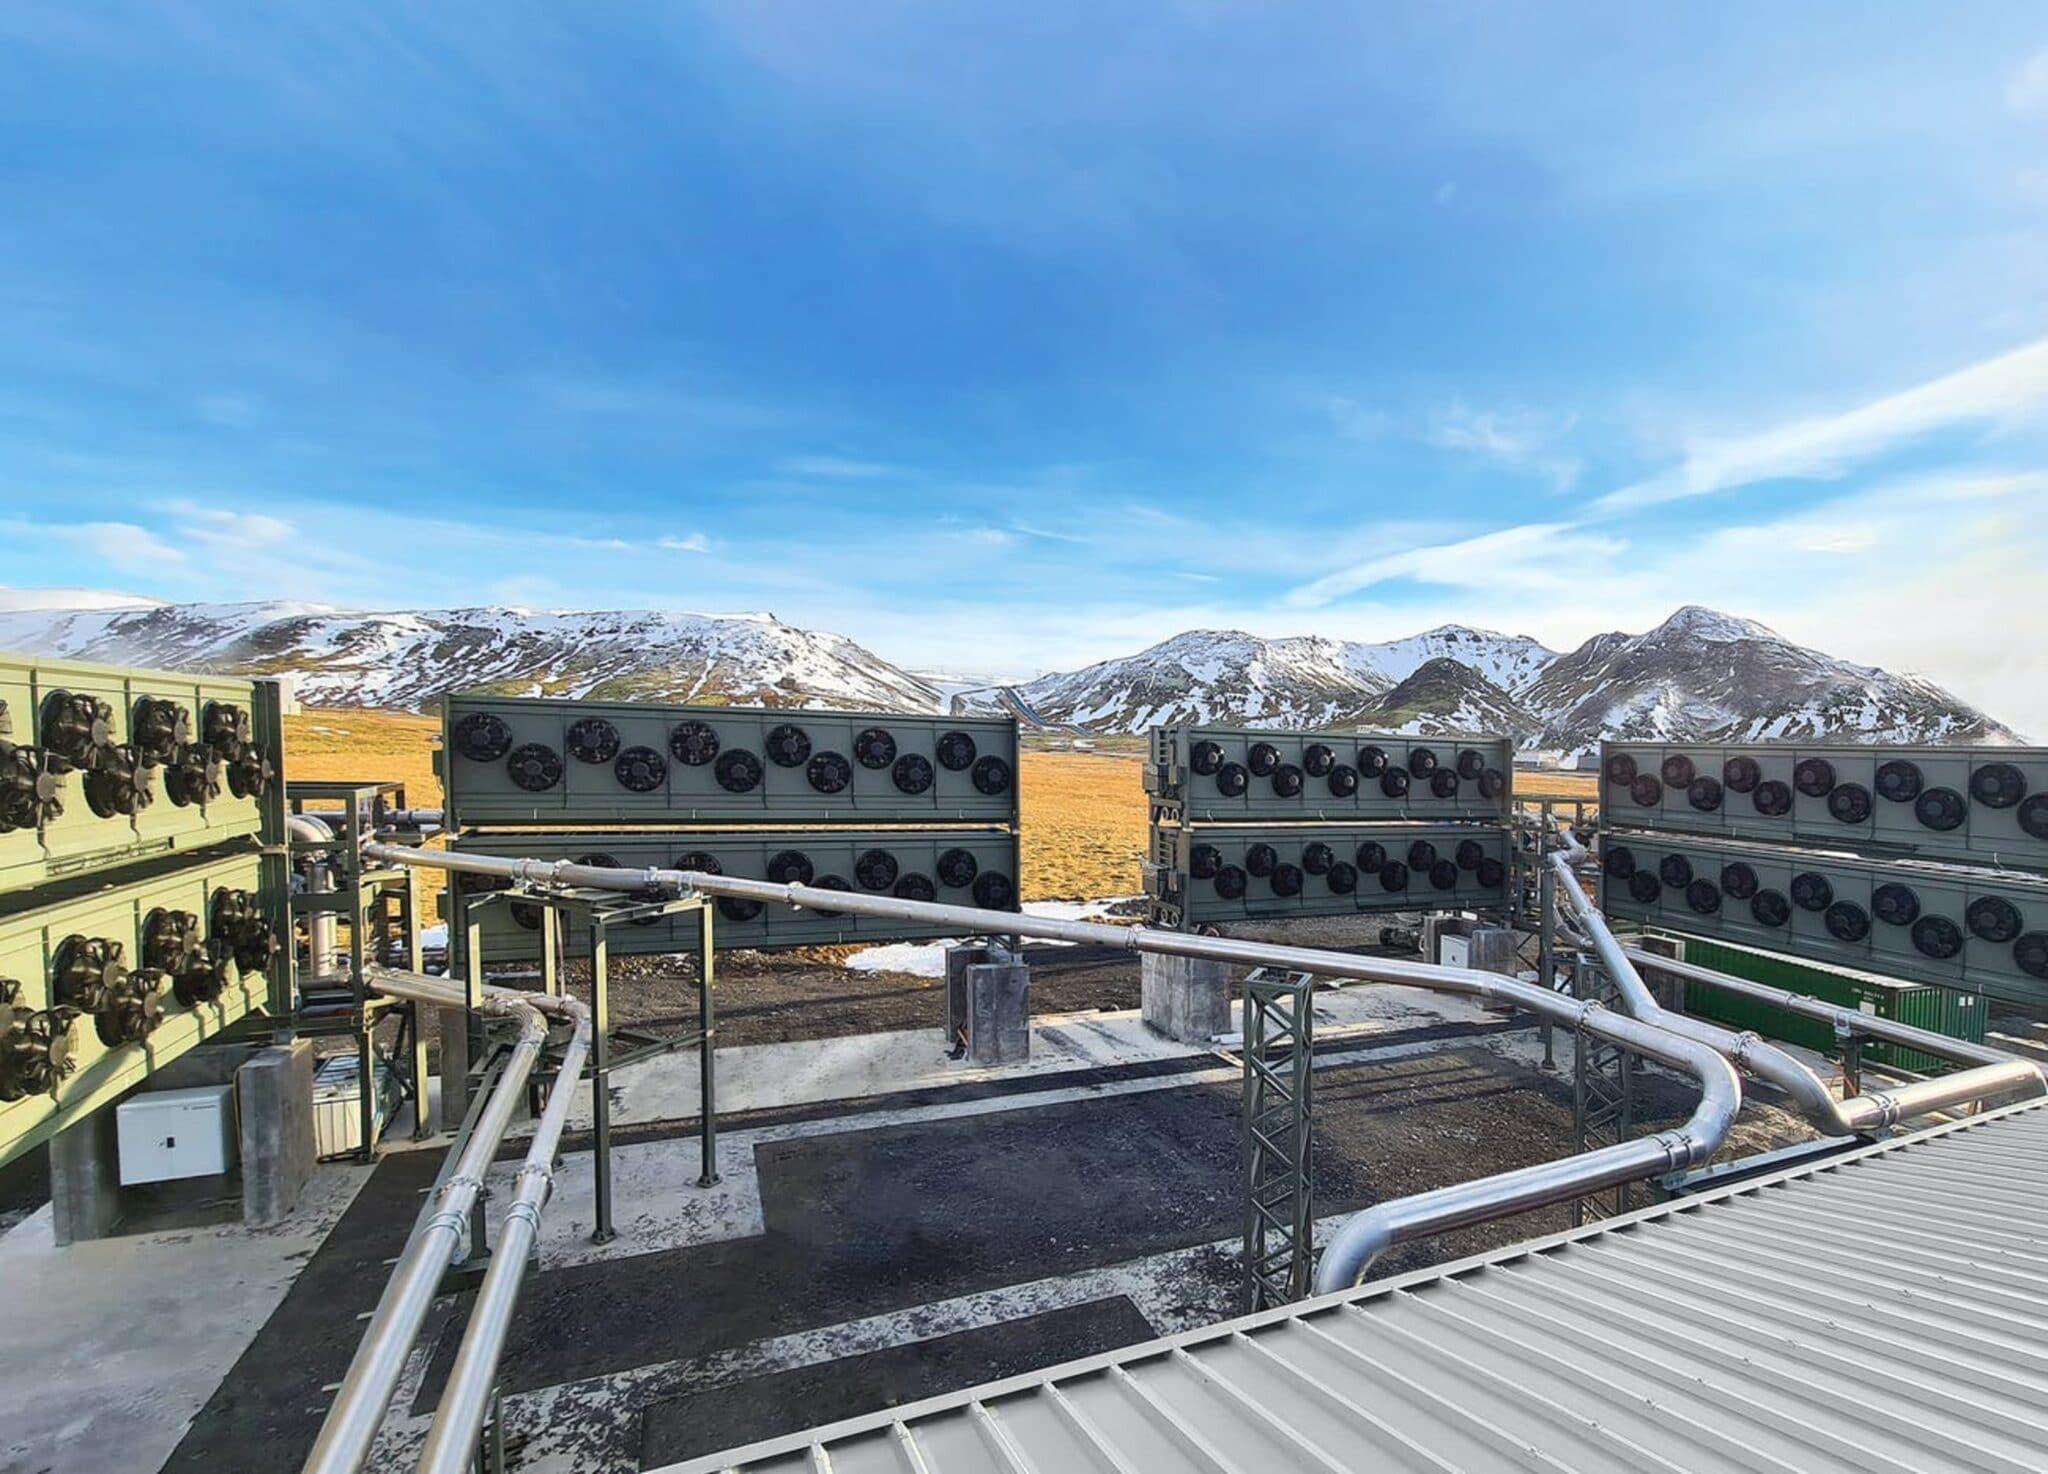 Orca, cattura, stoccaggio, CO2, Islanda, geotermico, impianto, energia, gas serra, riscaldamento globale, cambiamento climatico, processo, roccia, sottosuolo, atmosfera, Energy Close-up Engineering